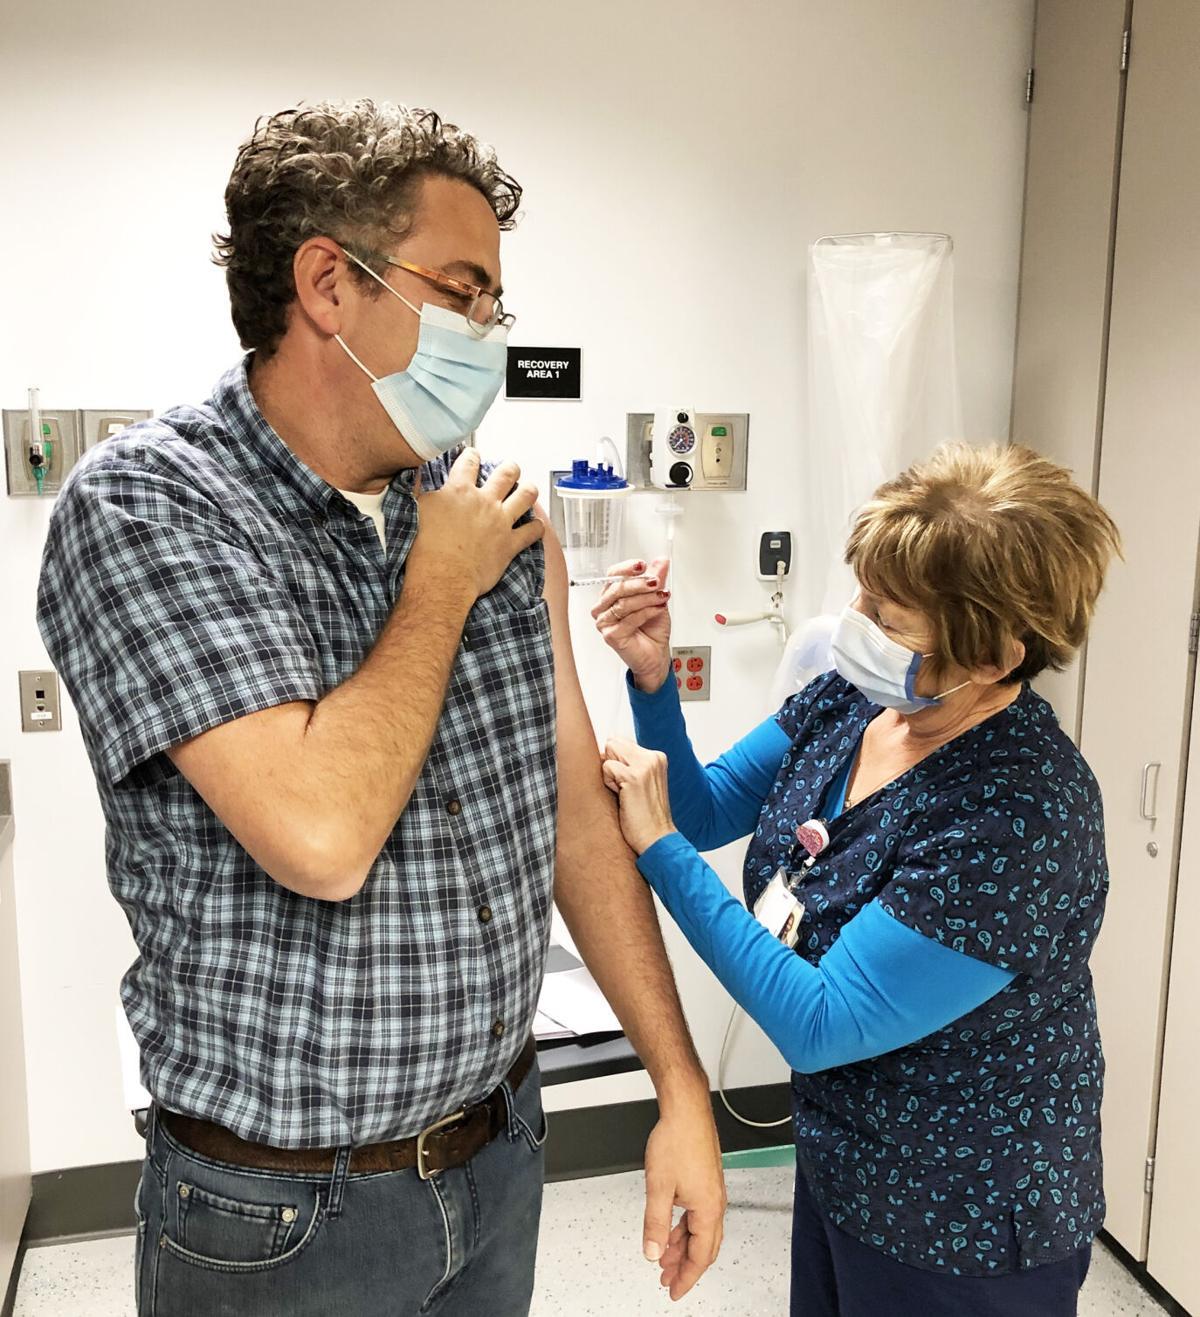 Dr. Zach Bailey and nurse Jenelle Moulton